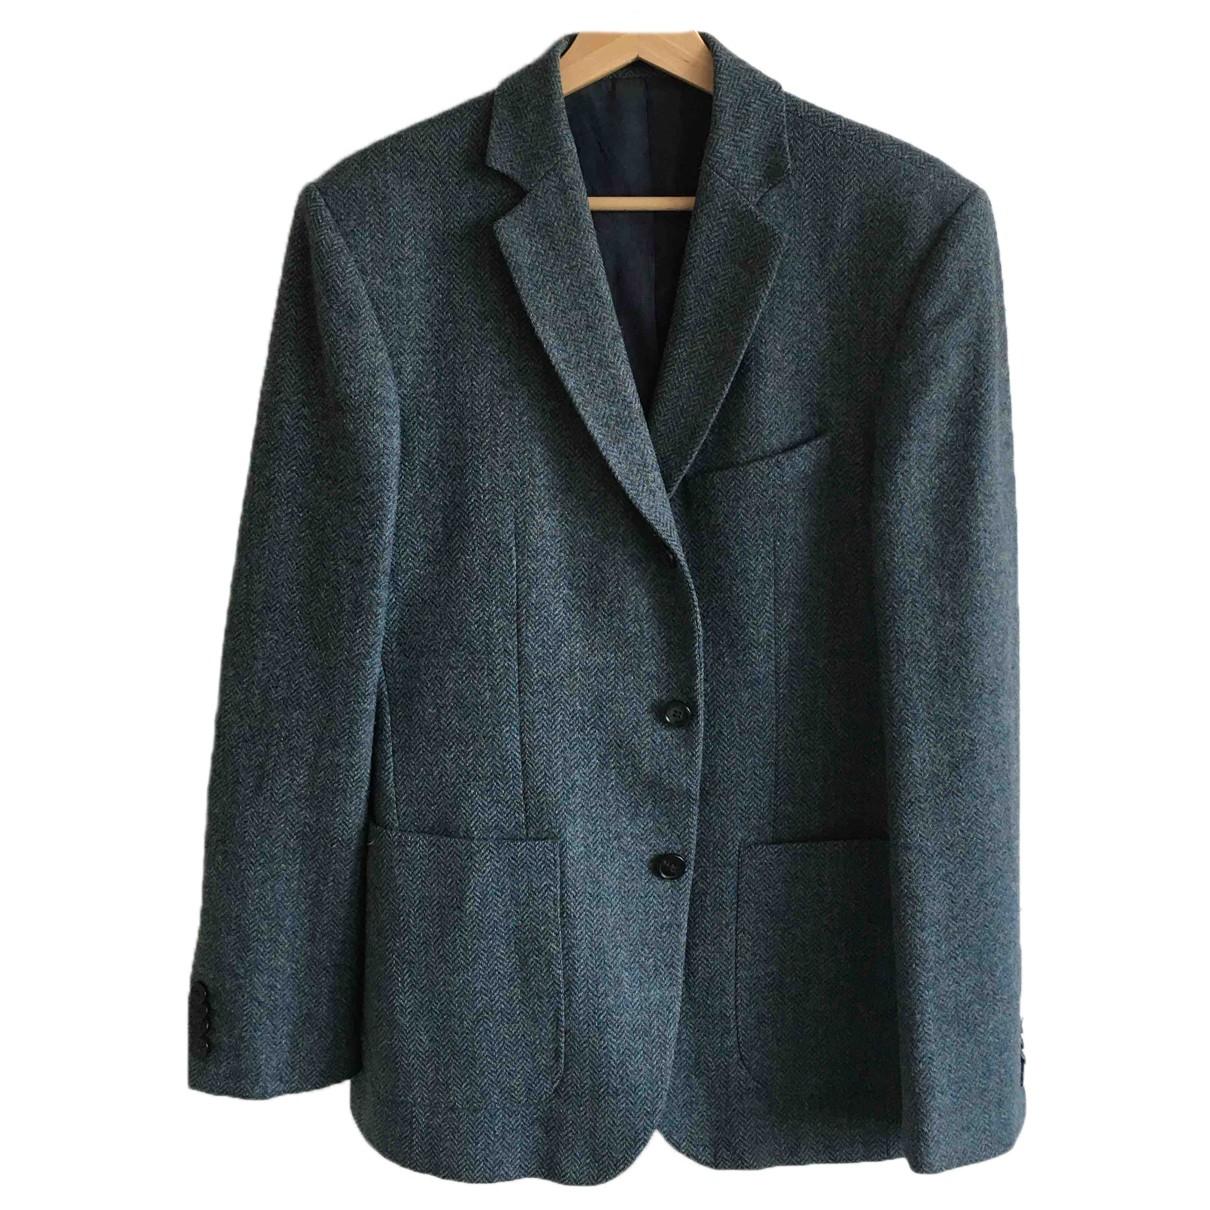 Reiss N Blue Wool jacket  for Men 38 UK - US